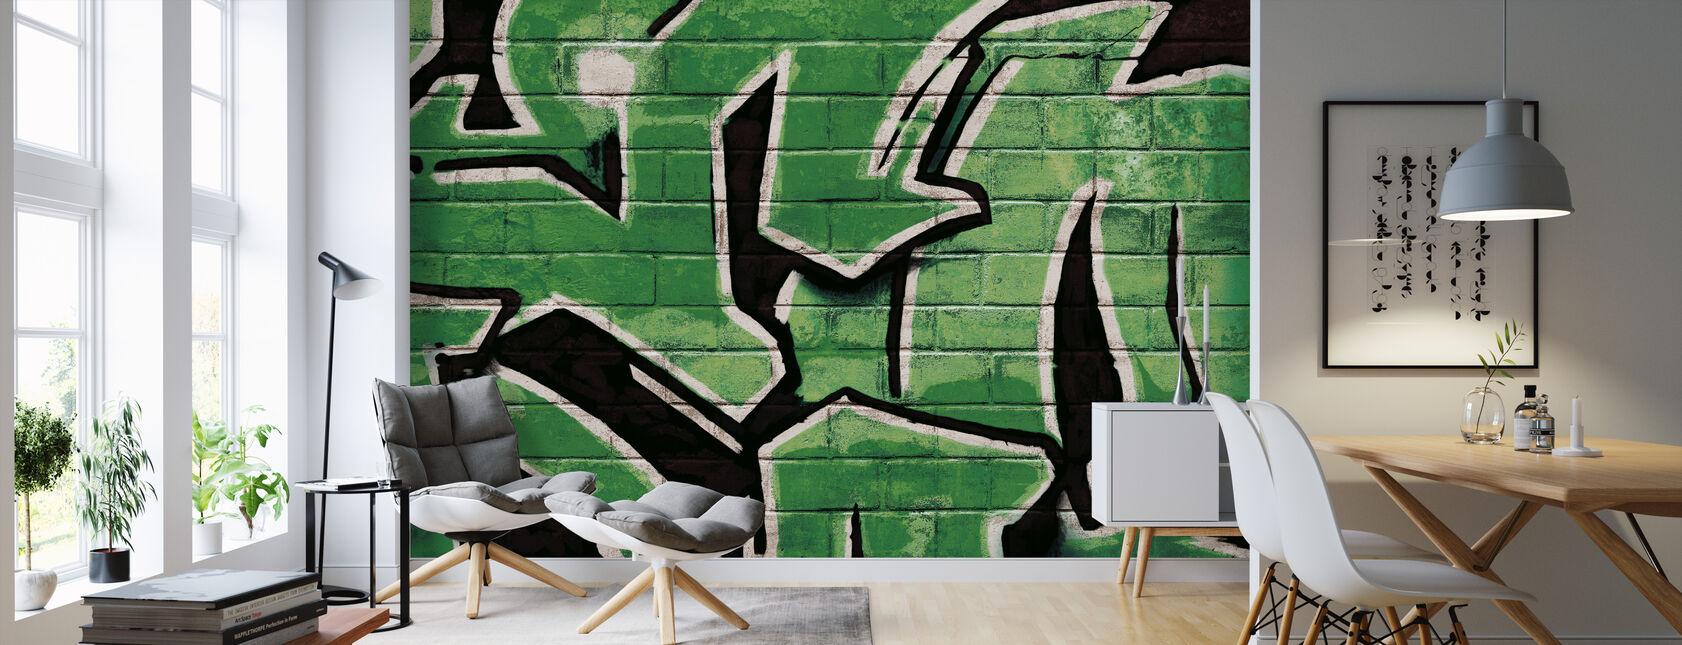 Graffiti bakstenen muur - groen - Behang - Woonkamer